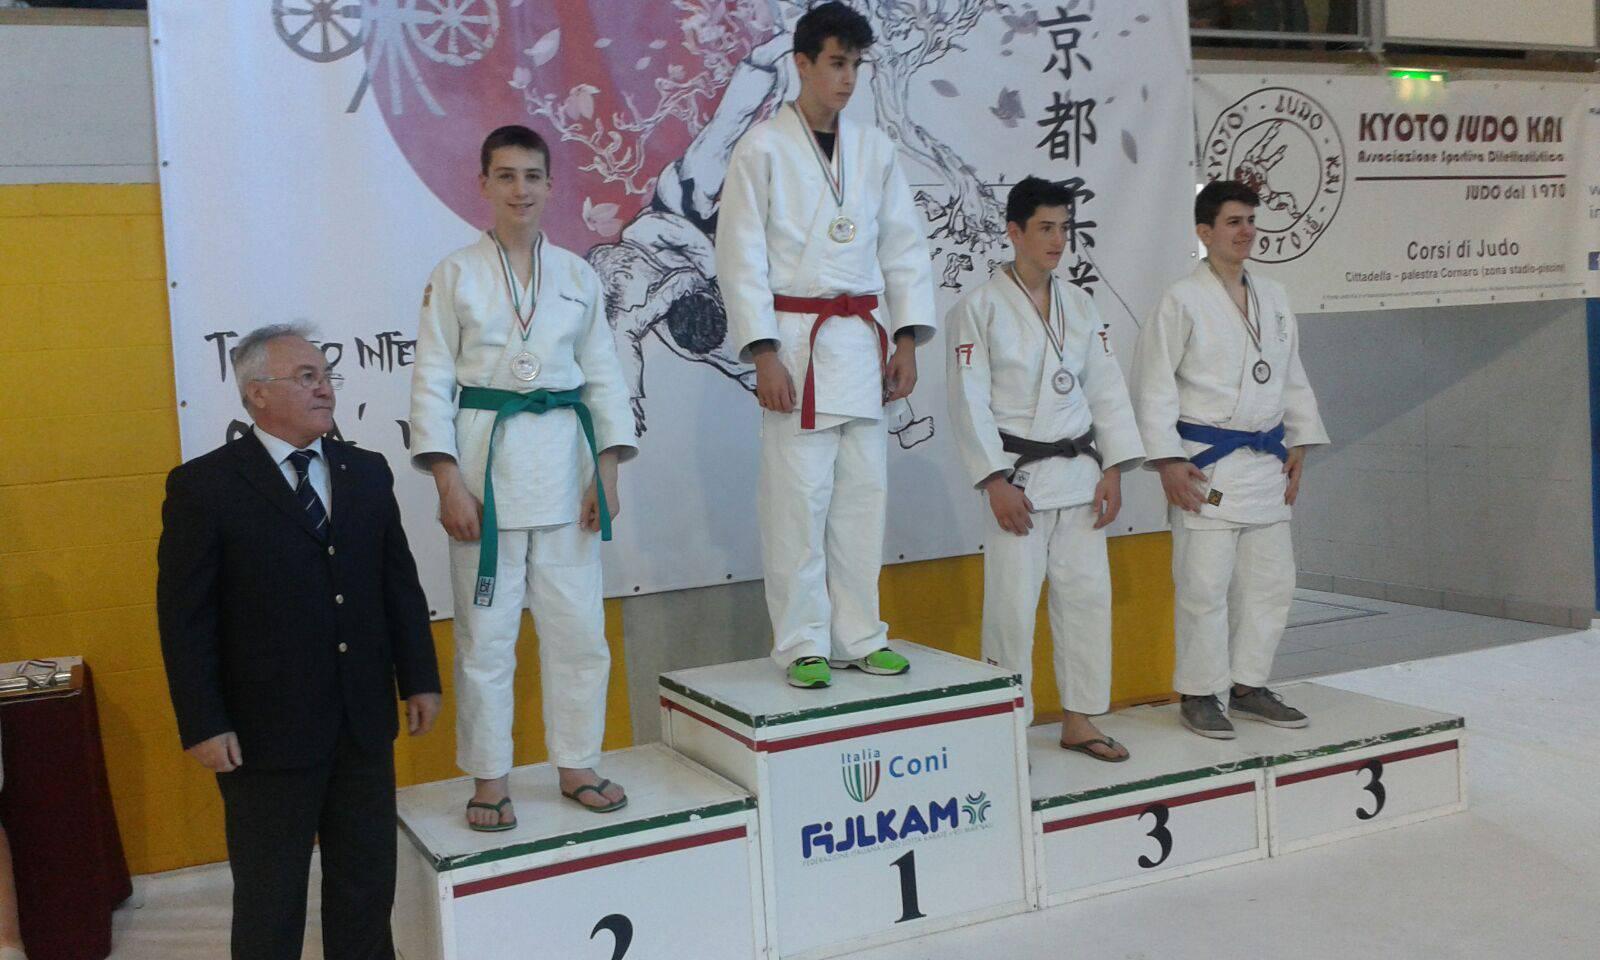 La sezione Judo della Polisportiva Riccione torna con un argento dal Torneo internazionale